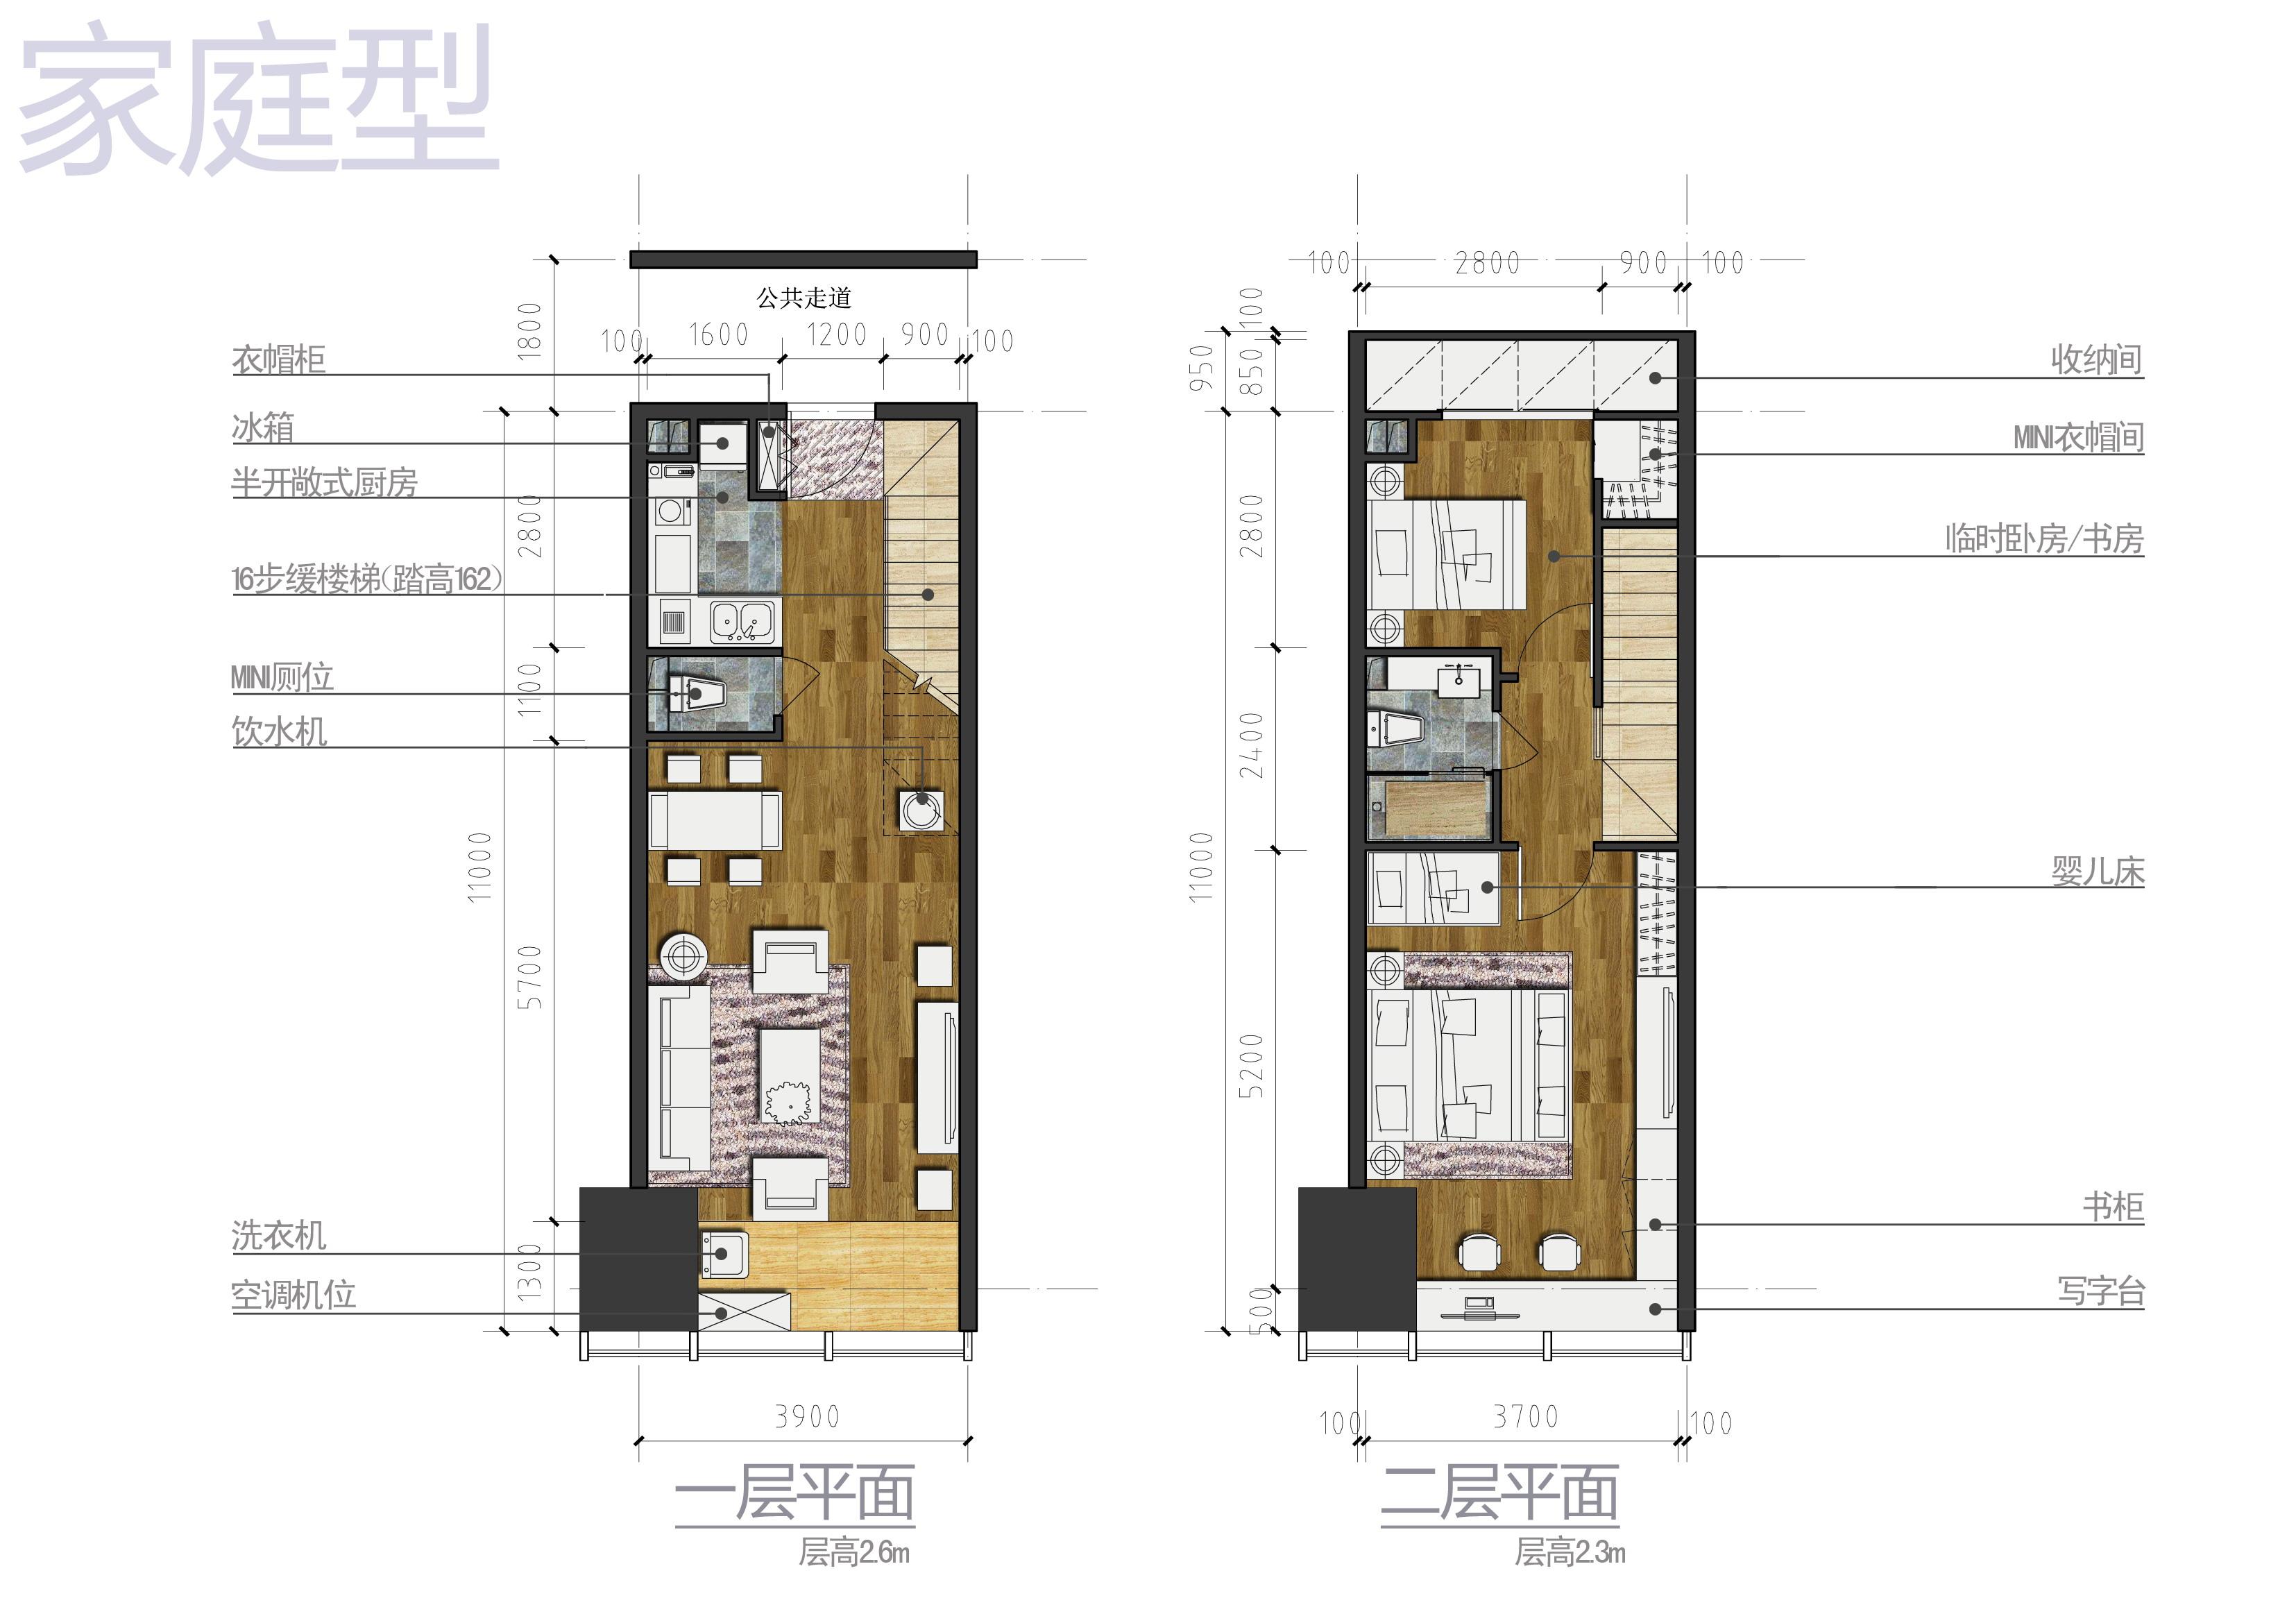 loft公寓户型方案设计